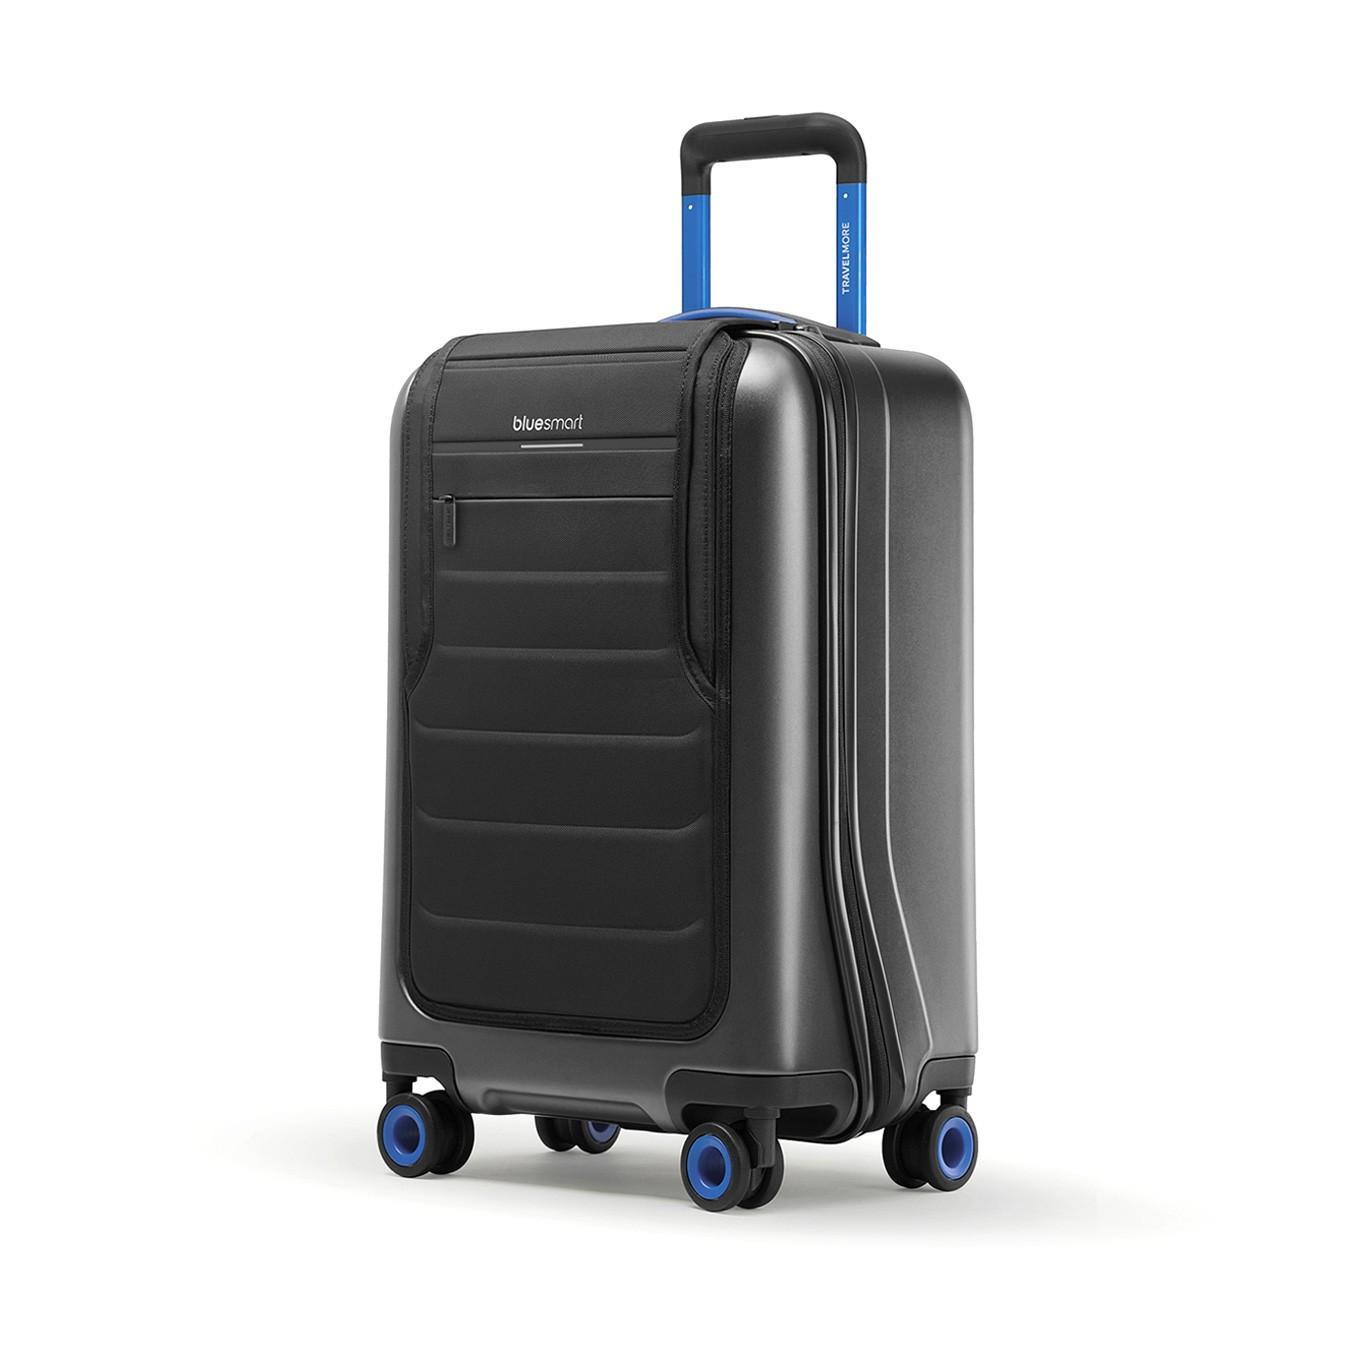 Valise connectée BlueSmart One 34L (GPS, Batterie pour recharger des périphériques, Mesure du poids)